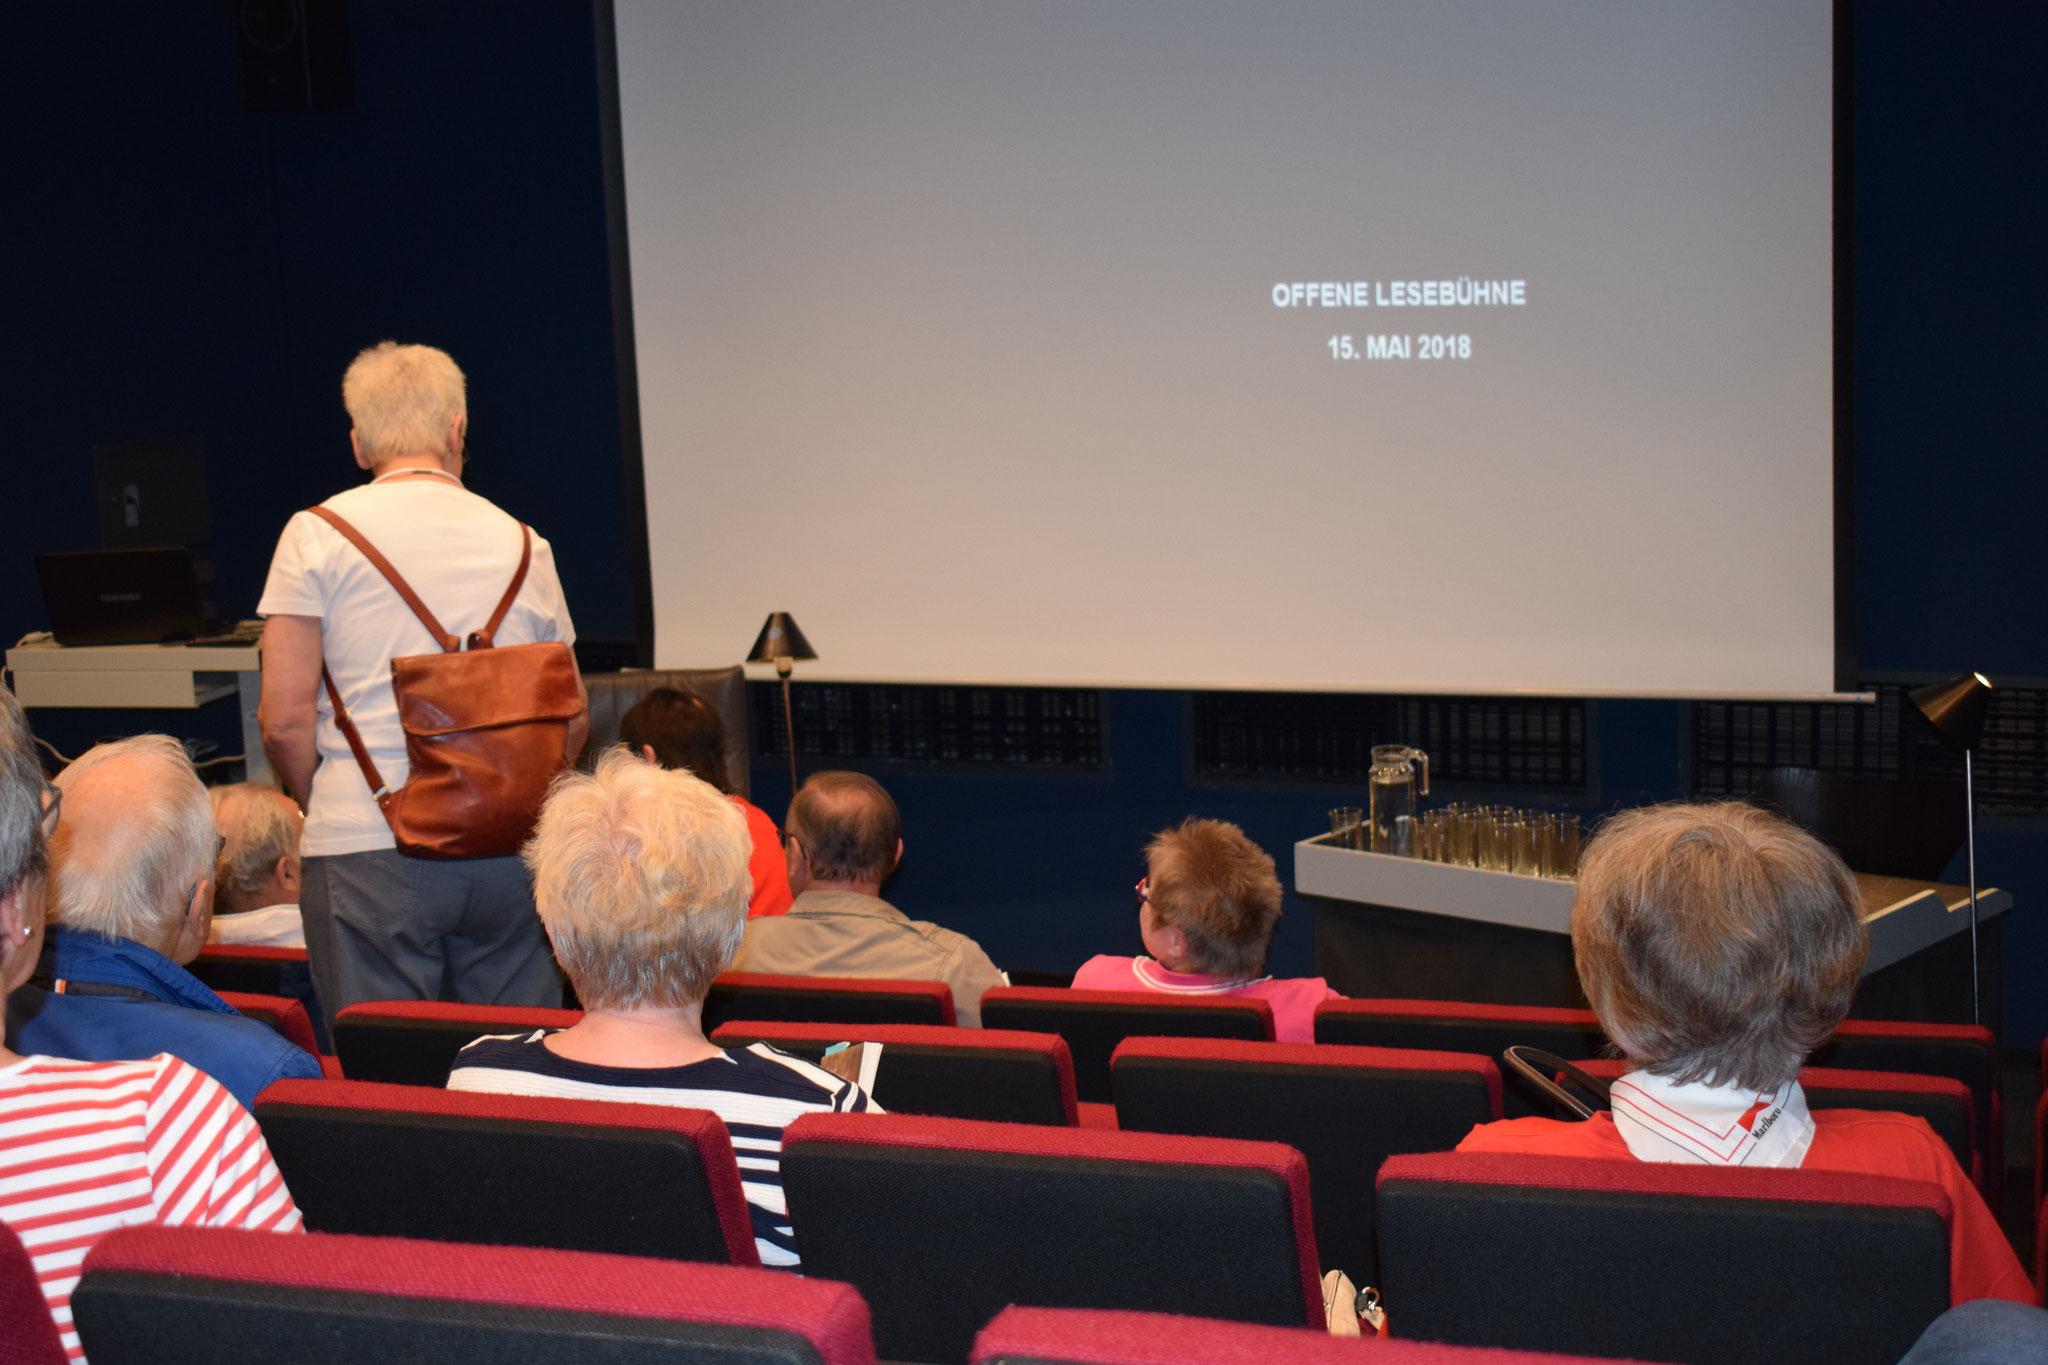 Offene Lesebühne für Hobbyautoren in der Stadtbücherei Lüdenscheid